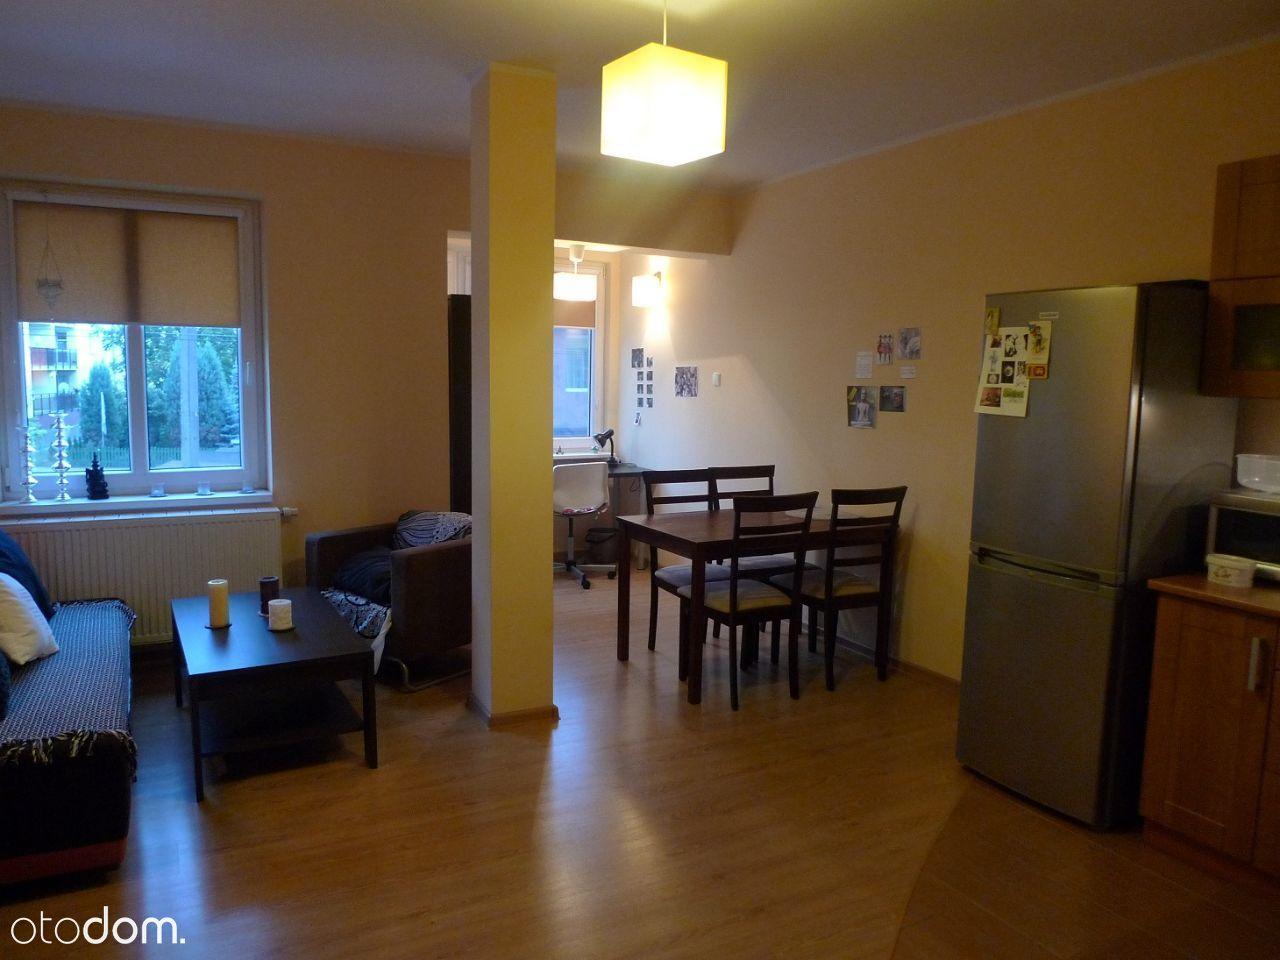 Mieszkanie 2 pokoje z aneksem 47 m ul Chodkiewicza